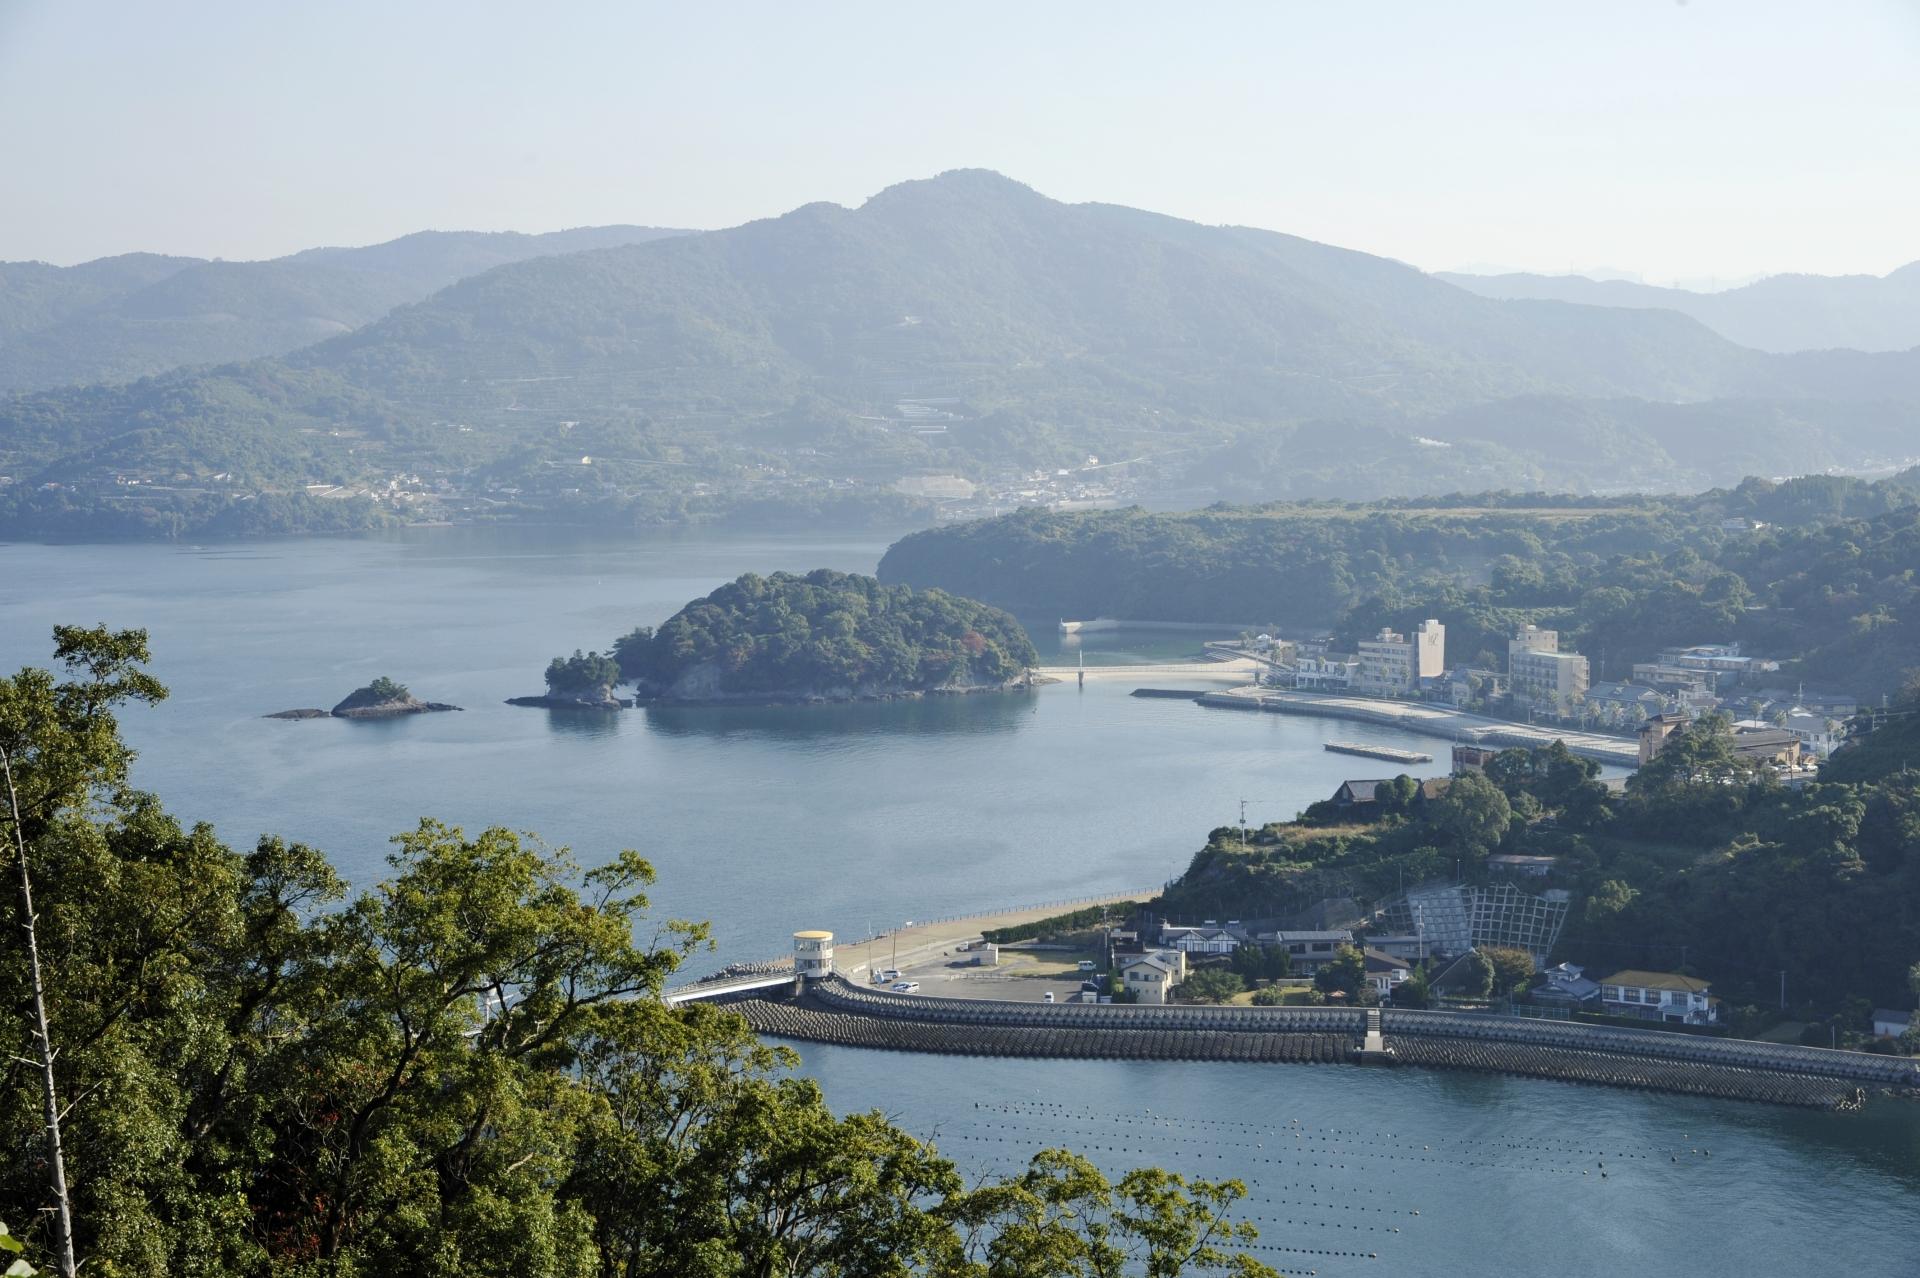 熊本県水俣市の、湯の児島と湯の児温泉。